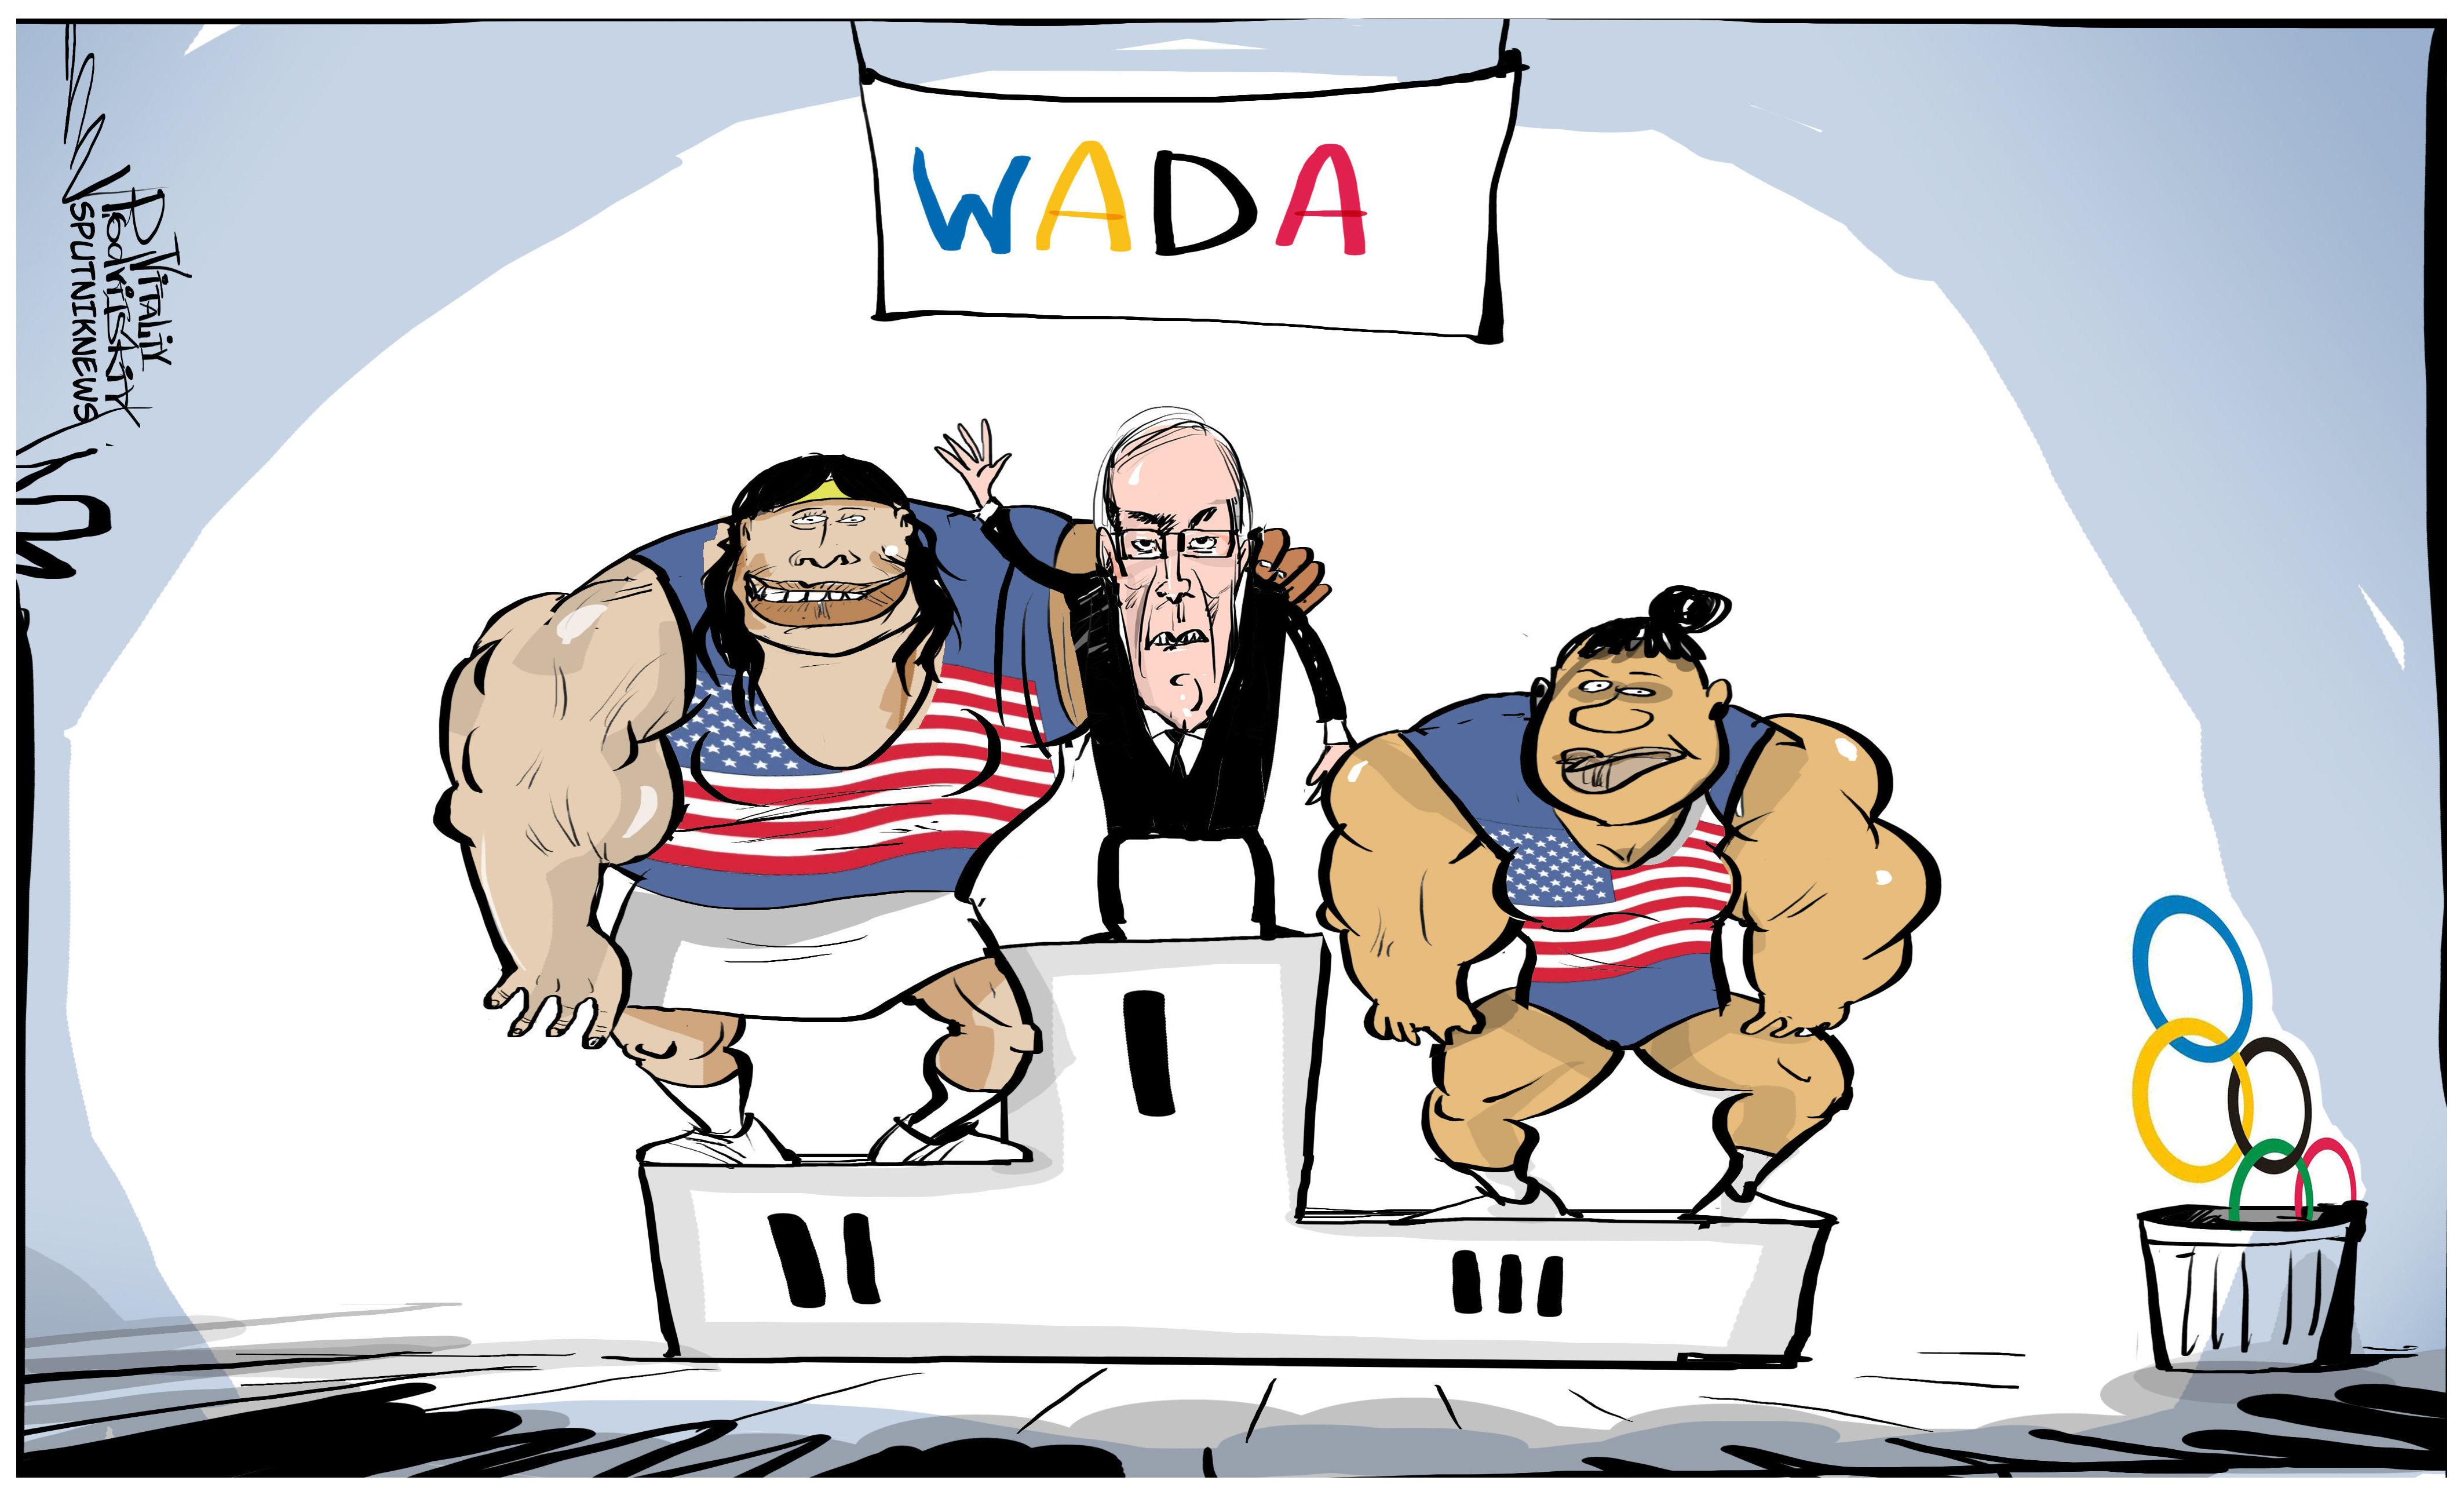 La WADA ocupa el primer lugar del podio en las olimpiadas de la hipocresía